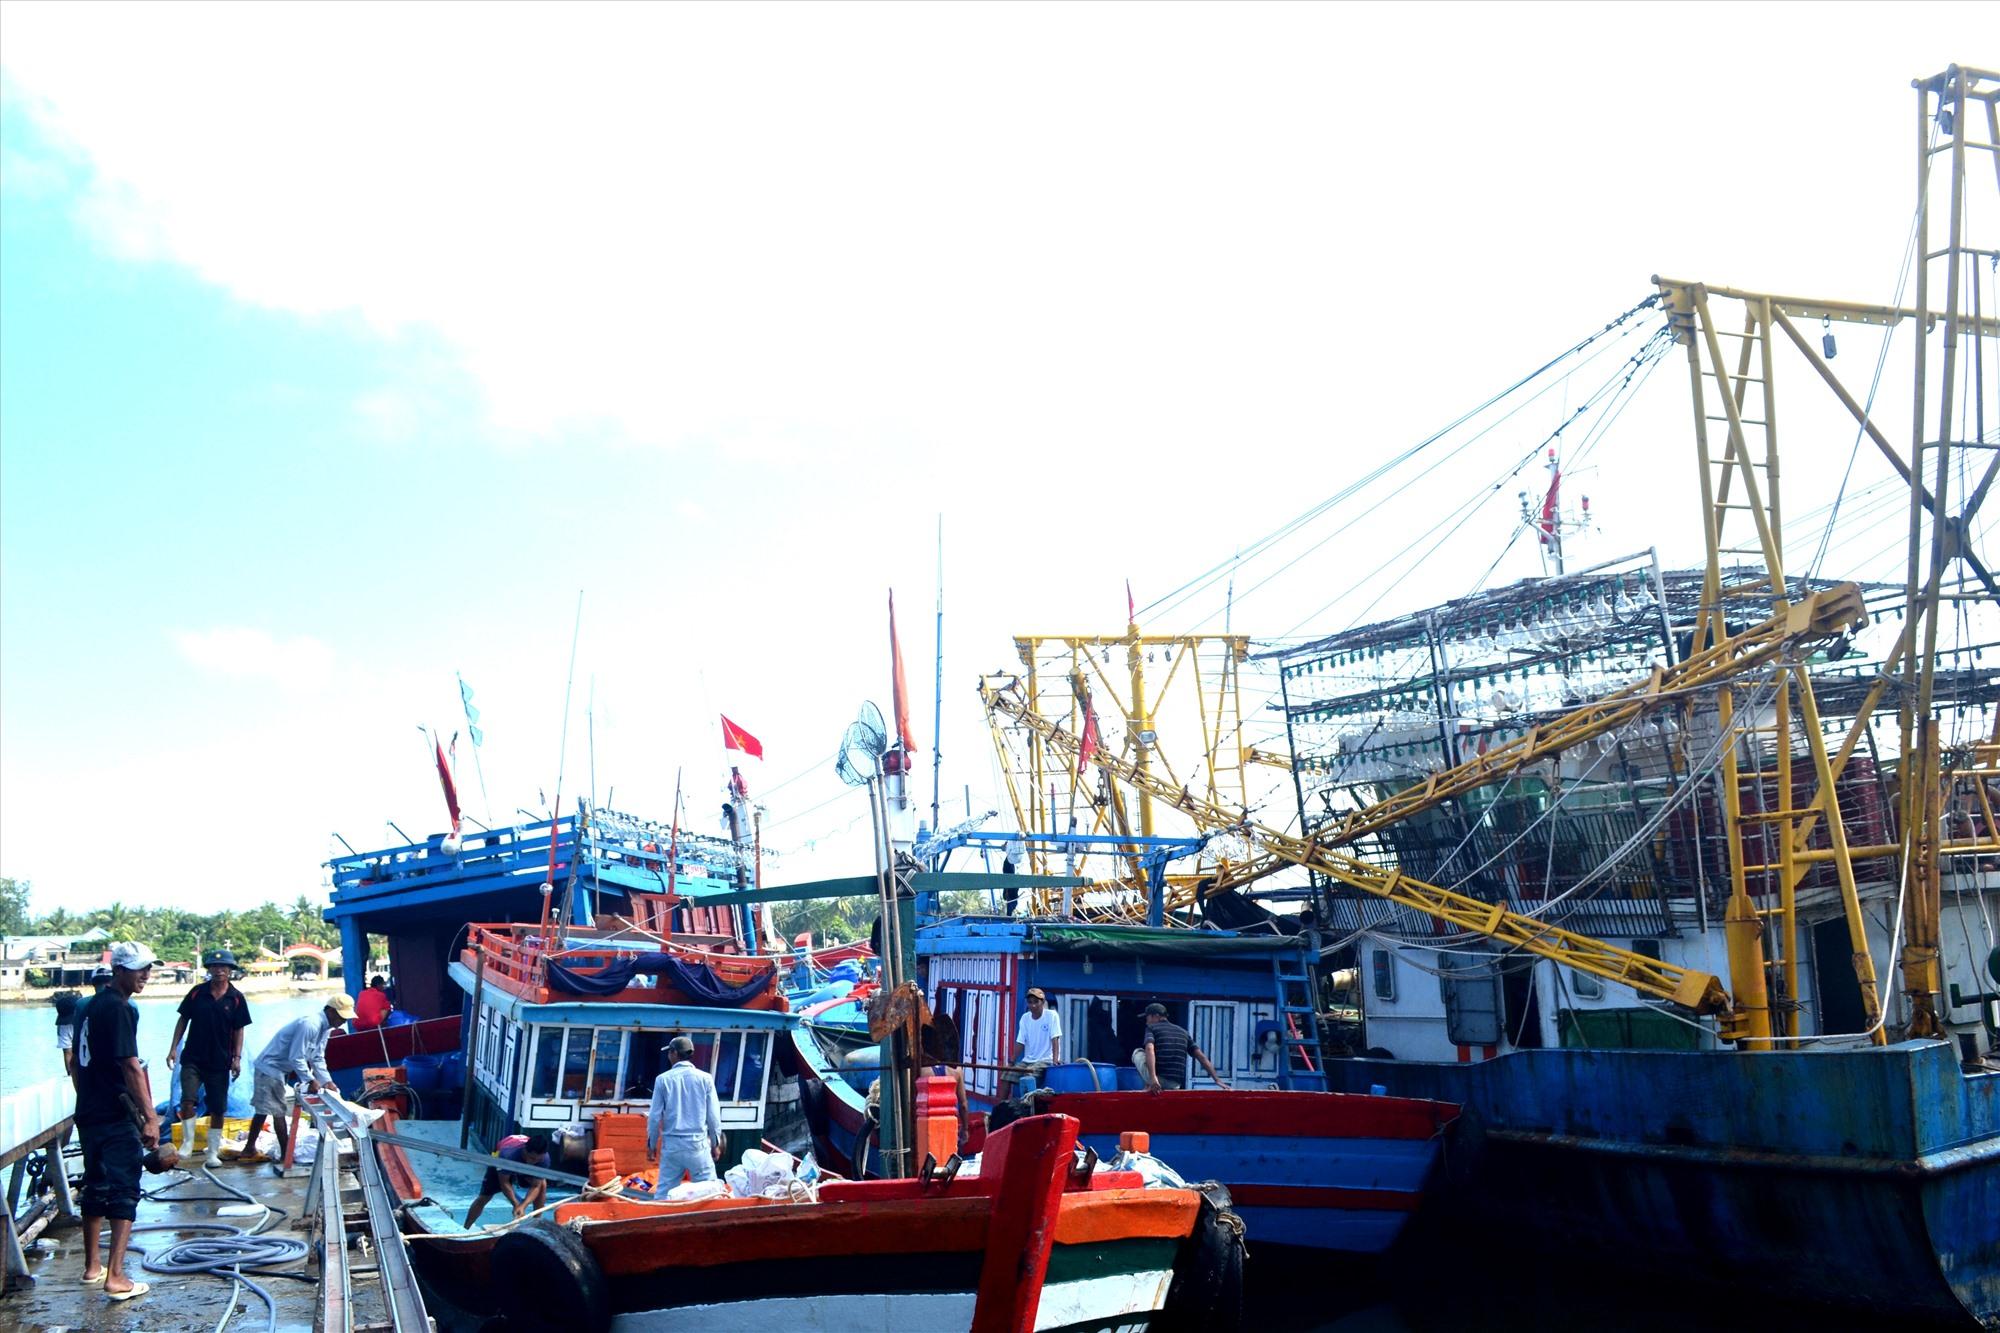 Nhiều tàu cá đóng mới từ vốn vay của Quỹ HTND Quảng Nam làm ăn hiệu quả. Ảnh: VIỆT NGUYỄN